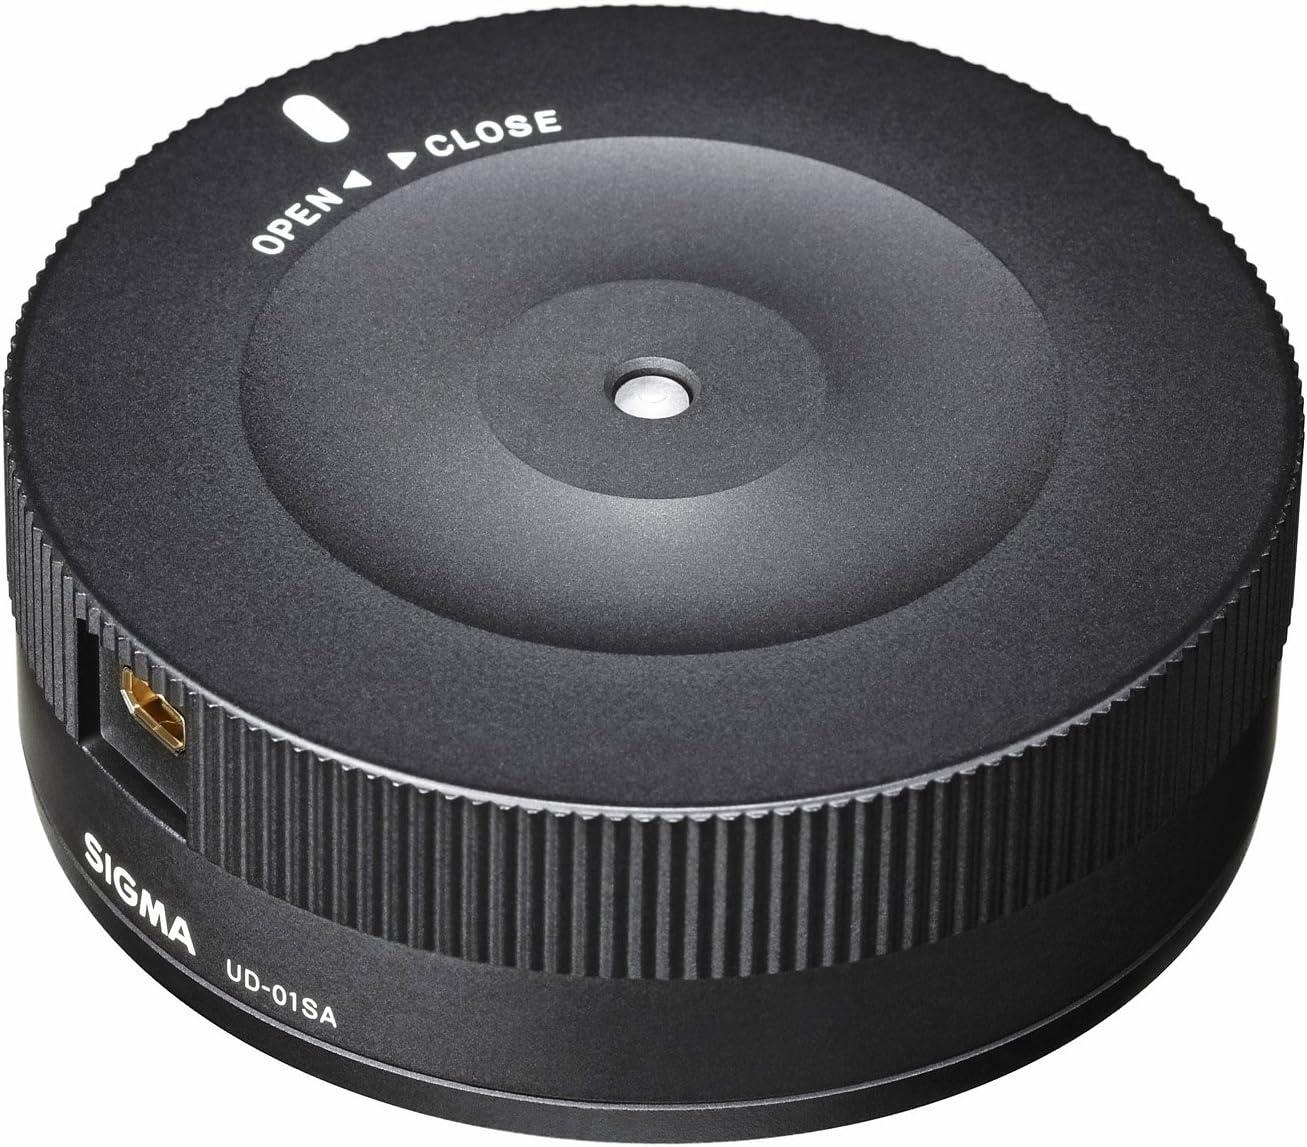 Sigma UD-01SO USB-Dock f/ür Sony A-Objektivbajonett